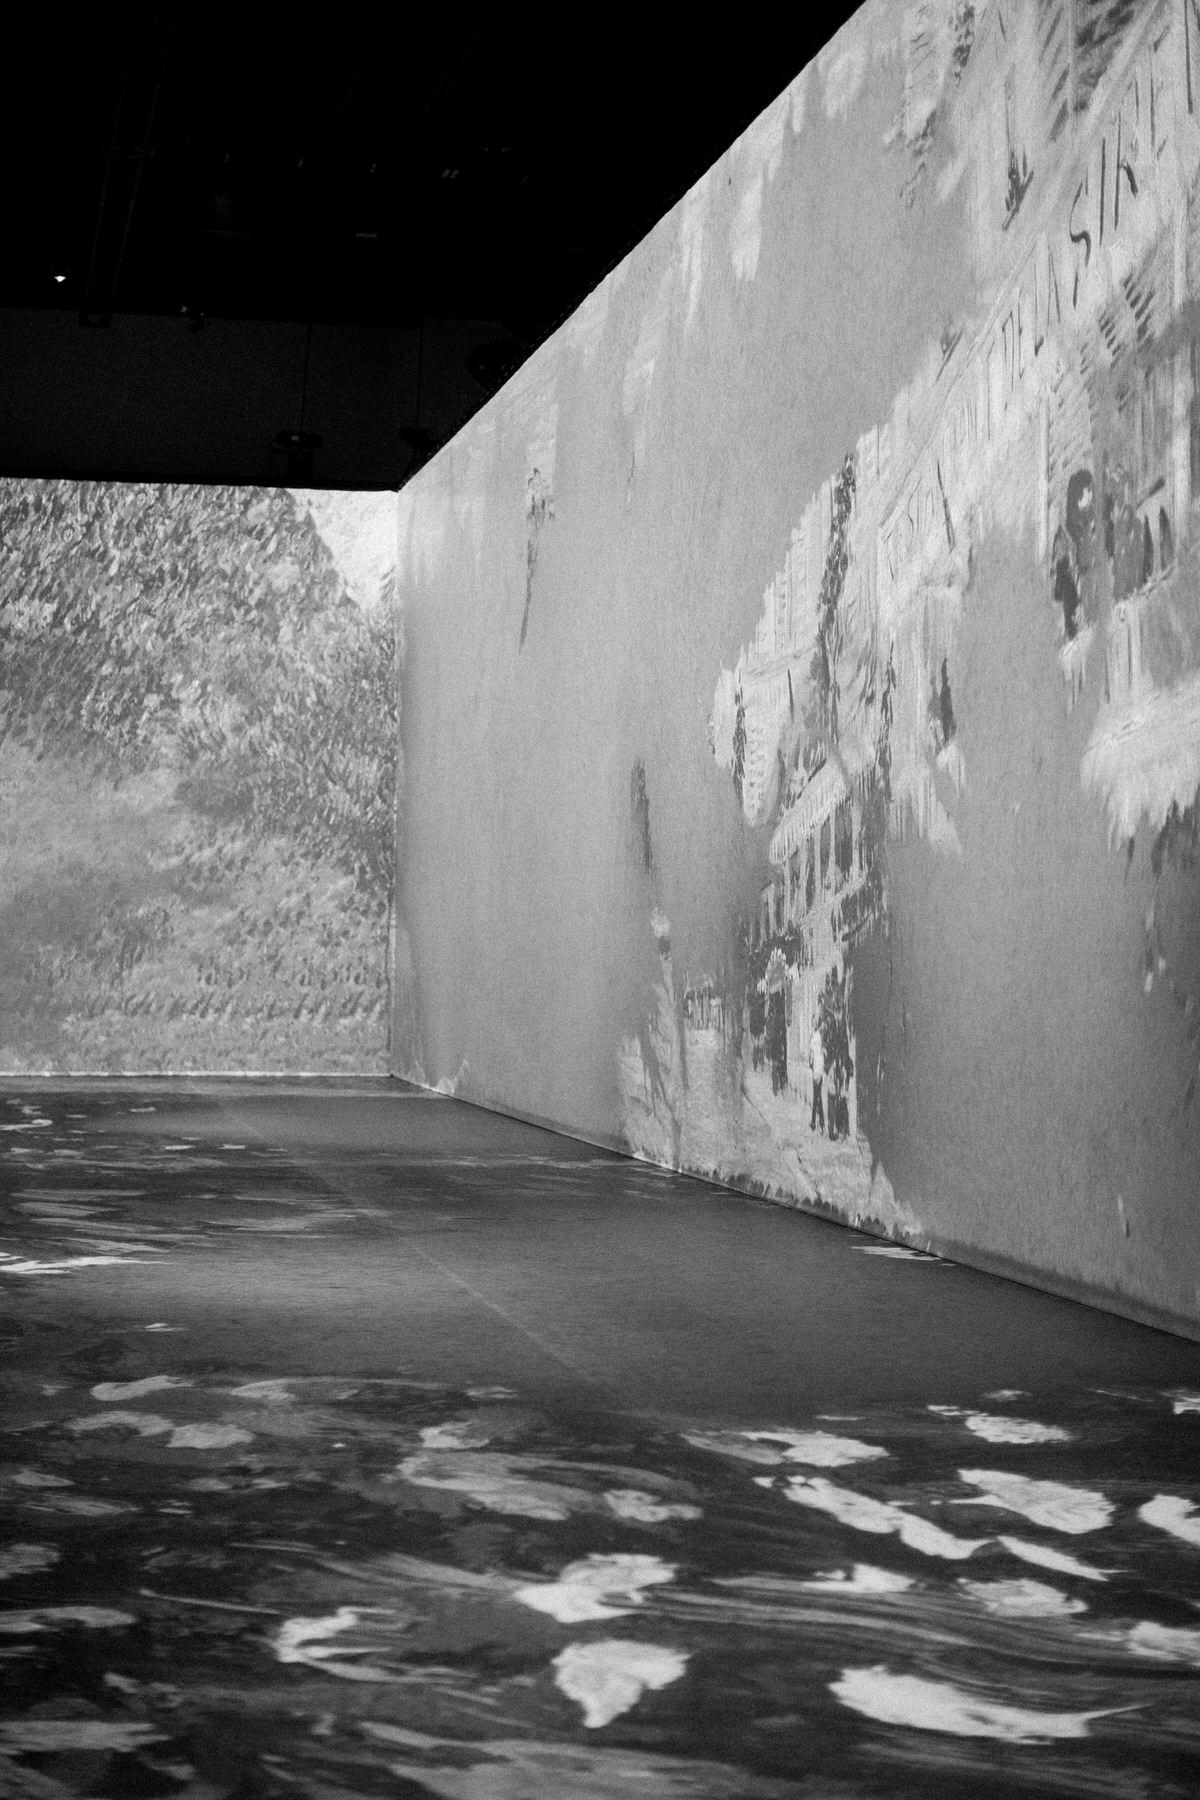 Van-Gogh-Exhibit-Wisconsin-Center-Milwaukee-by-Studio-L-Artist-Photographer-Laura-Schneider-_9787